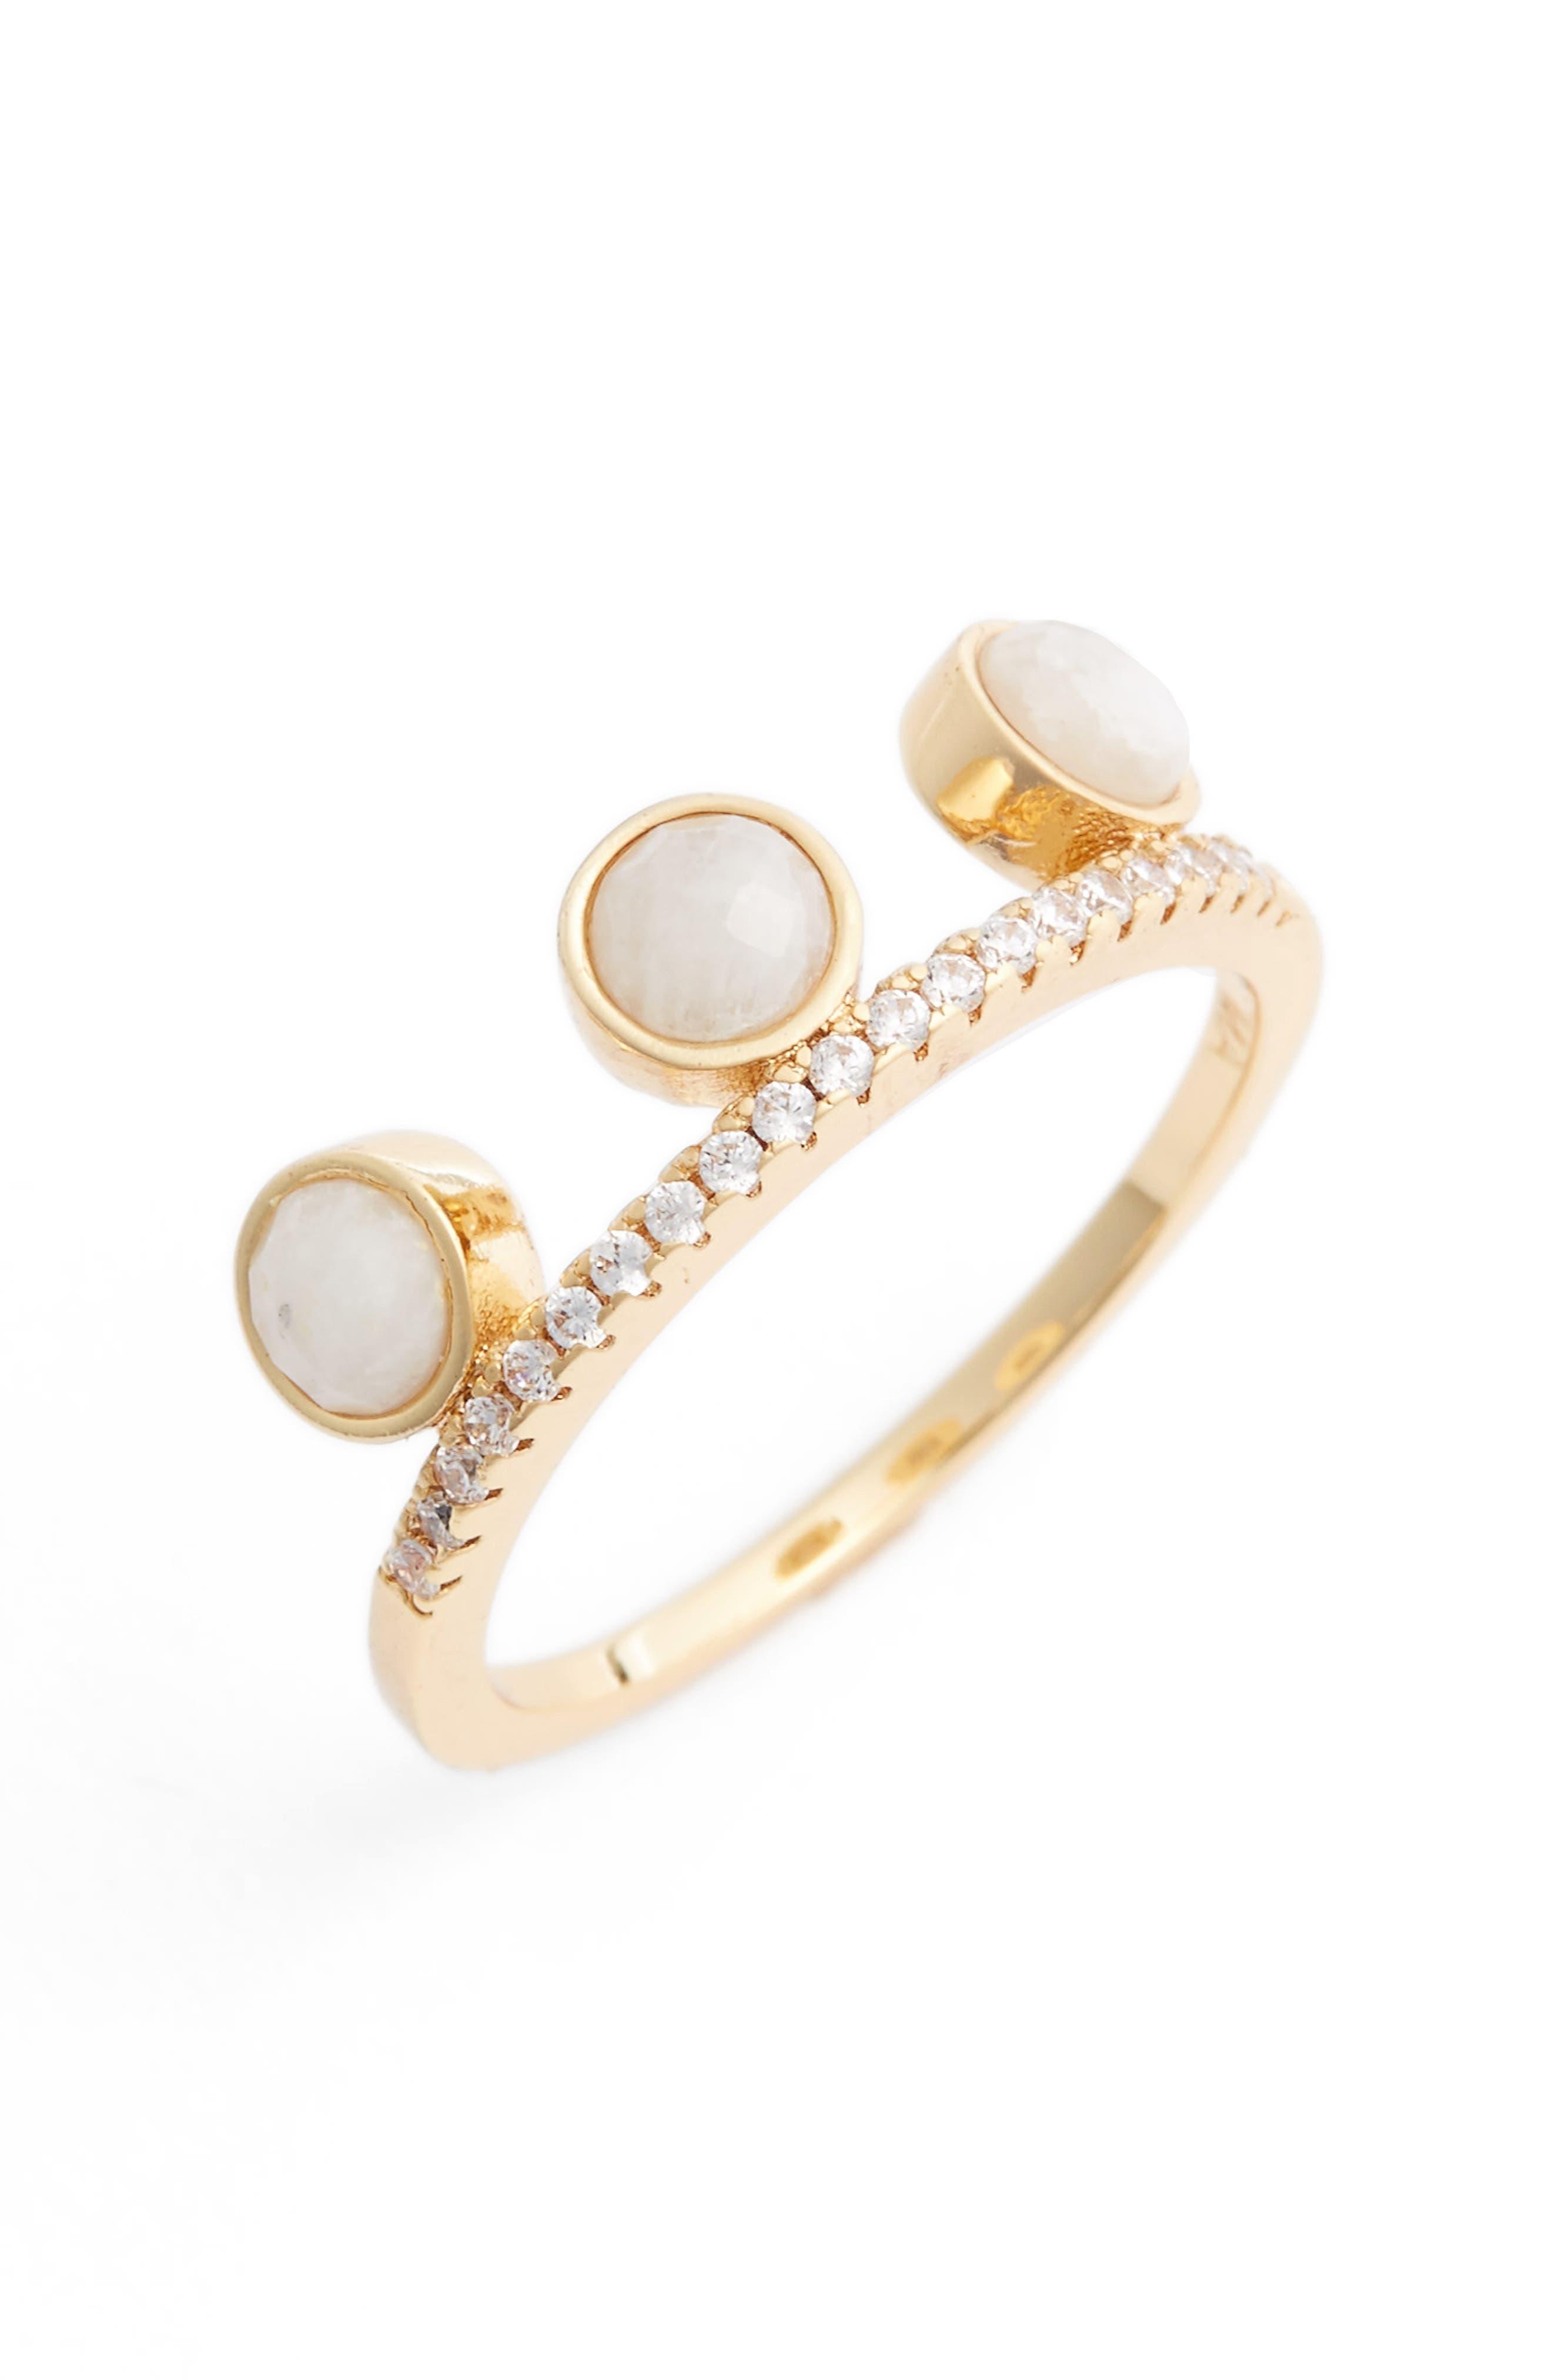 Circle Stacking Ring,                         Main,                         color, Moonstone / Gold